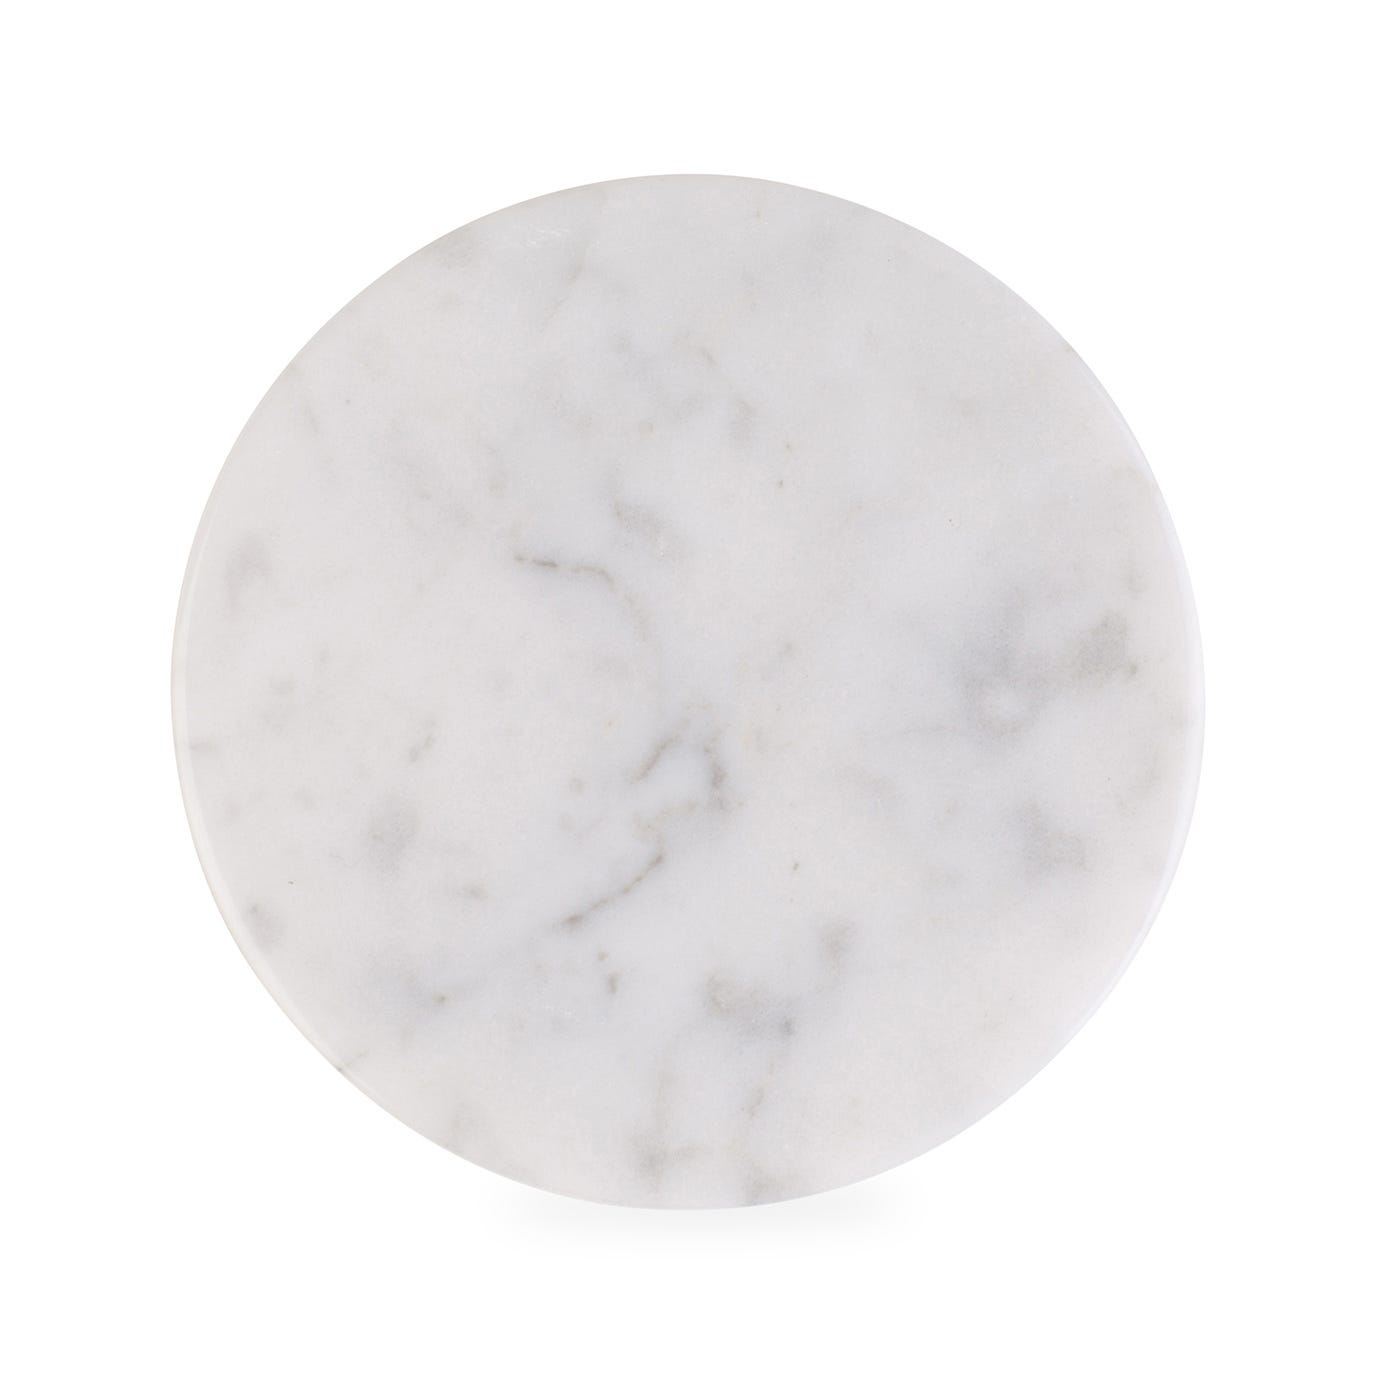 Marble Coaster White